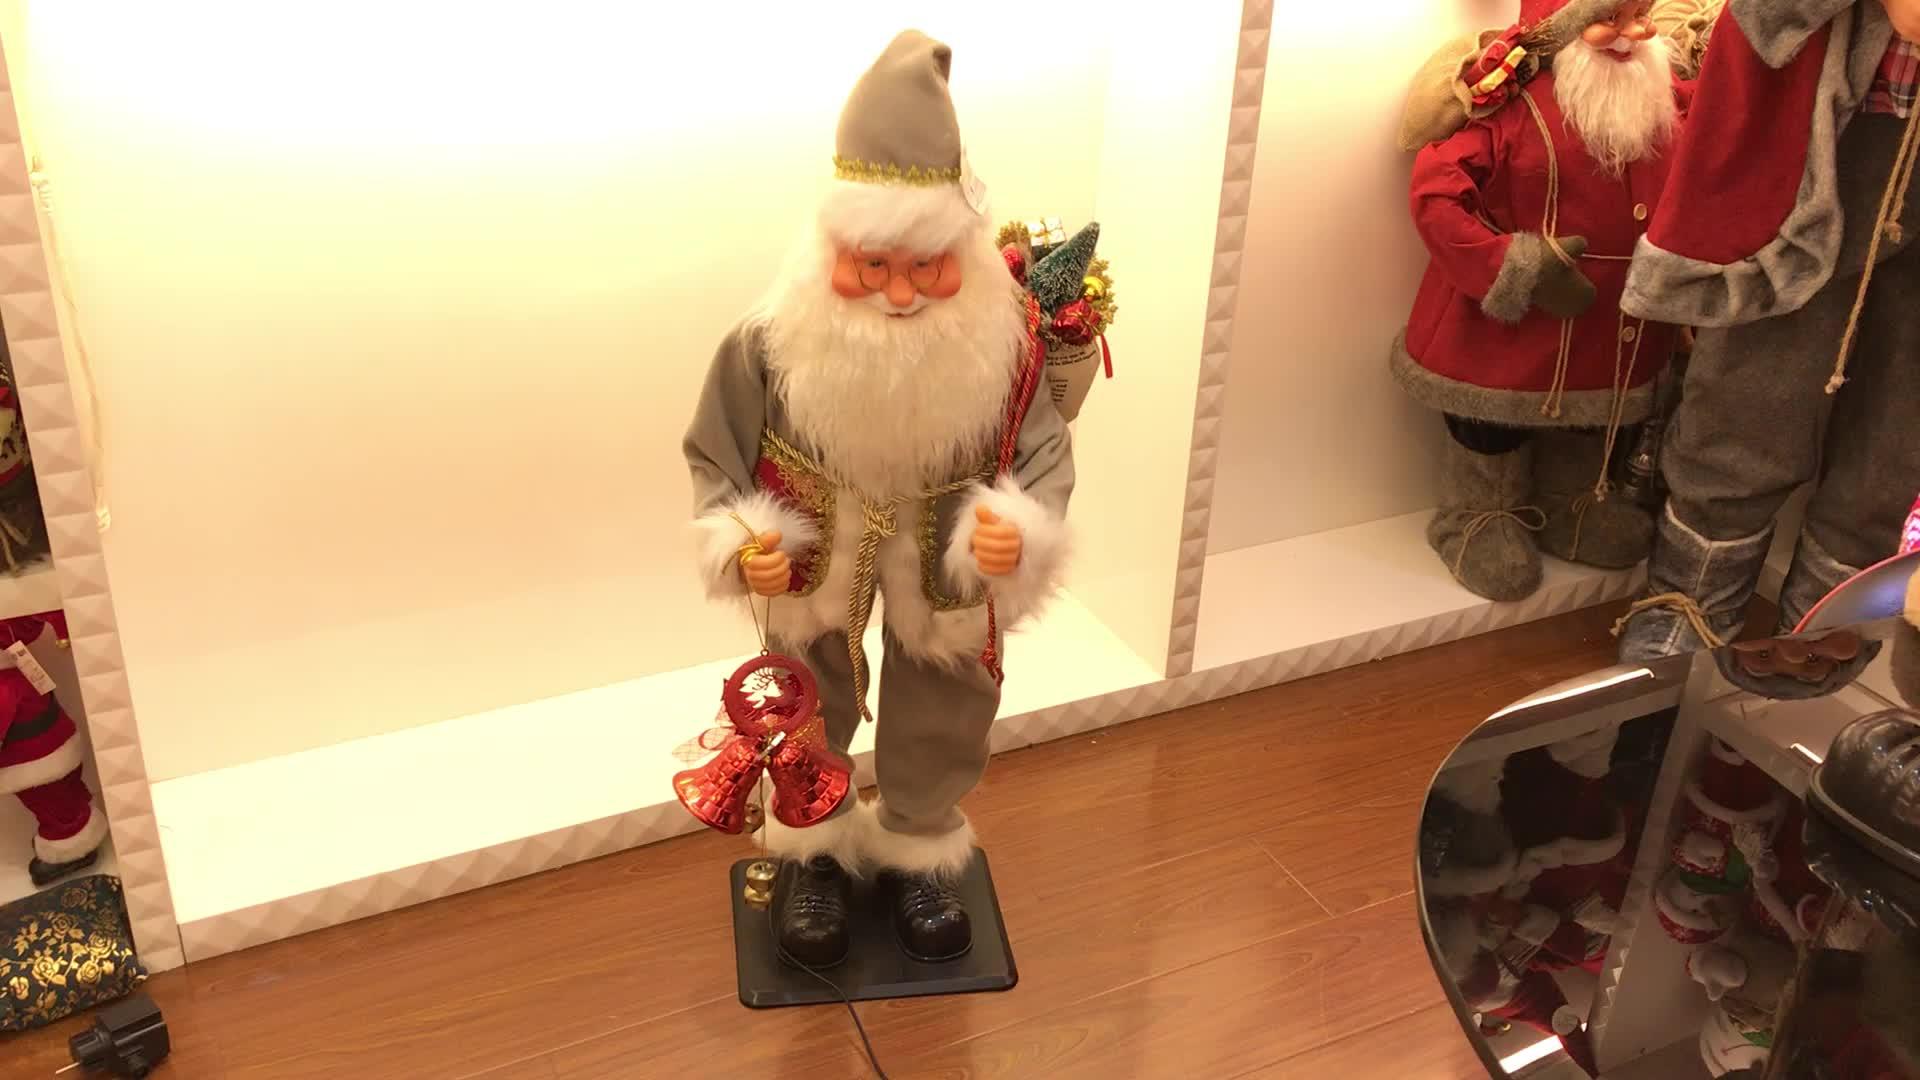 ขายHotคริสต์มาสปัจจุบันปรับปริมาณโค้งซานตาคลอสกับระฆังและลูก